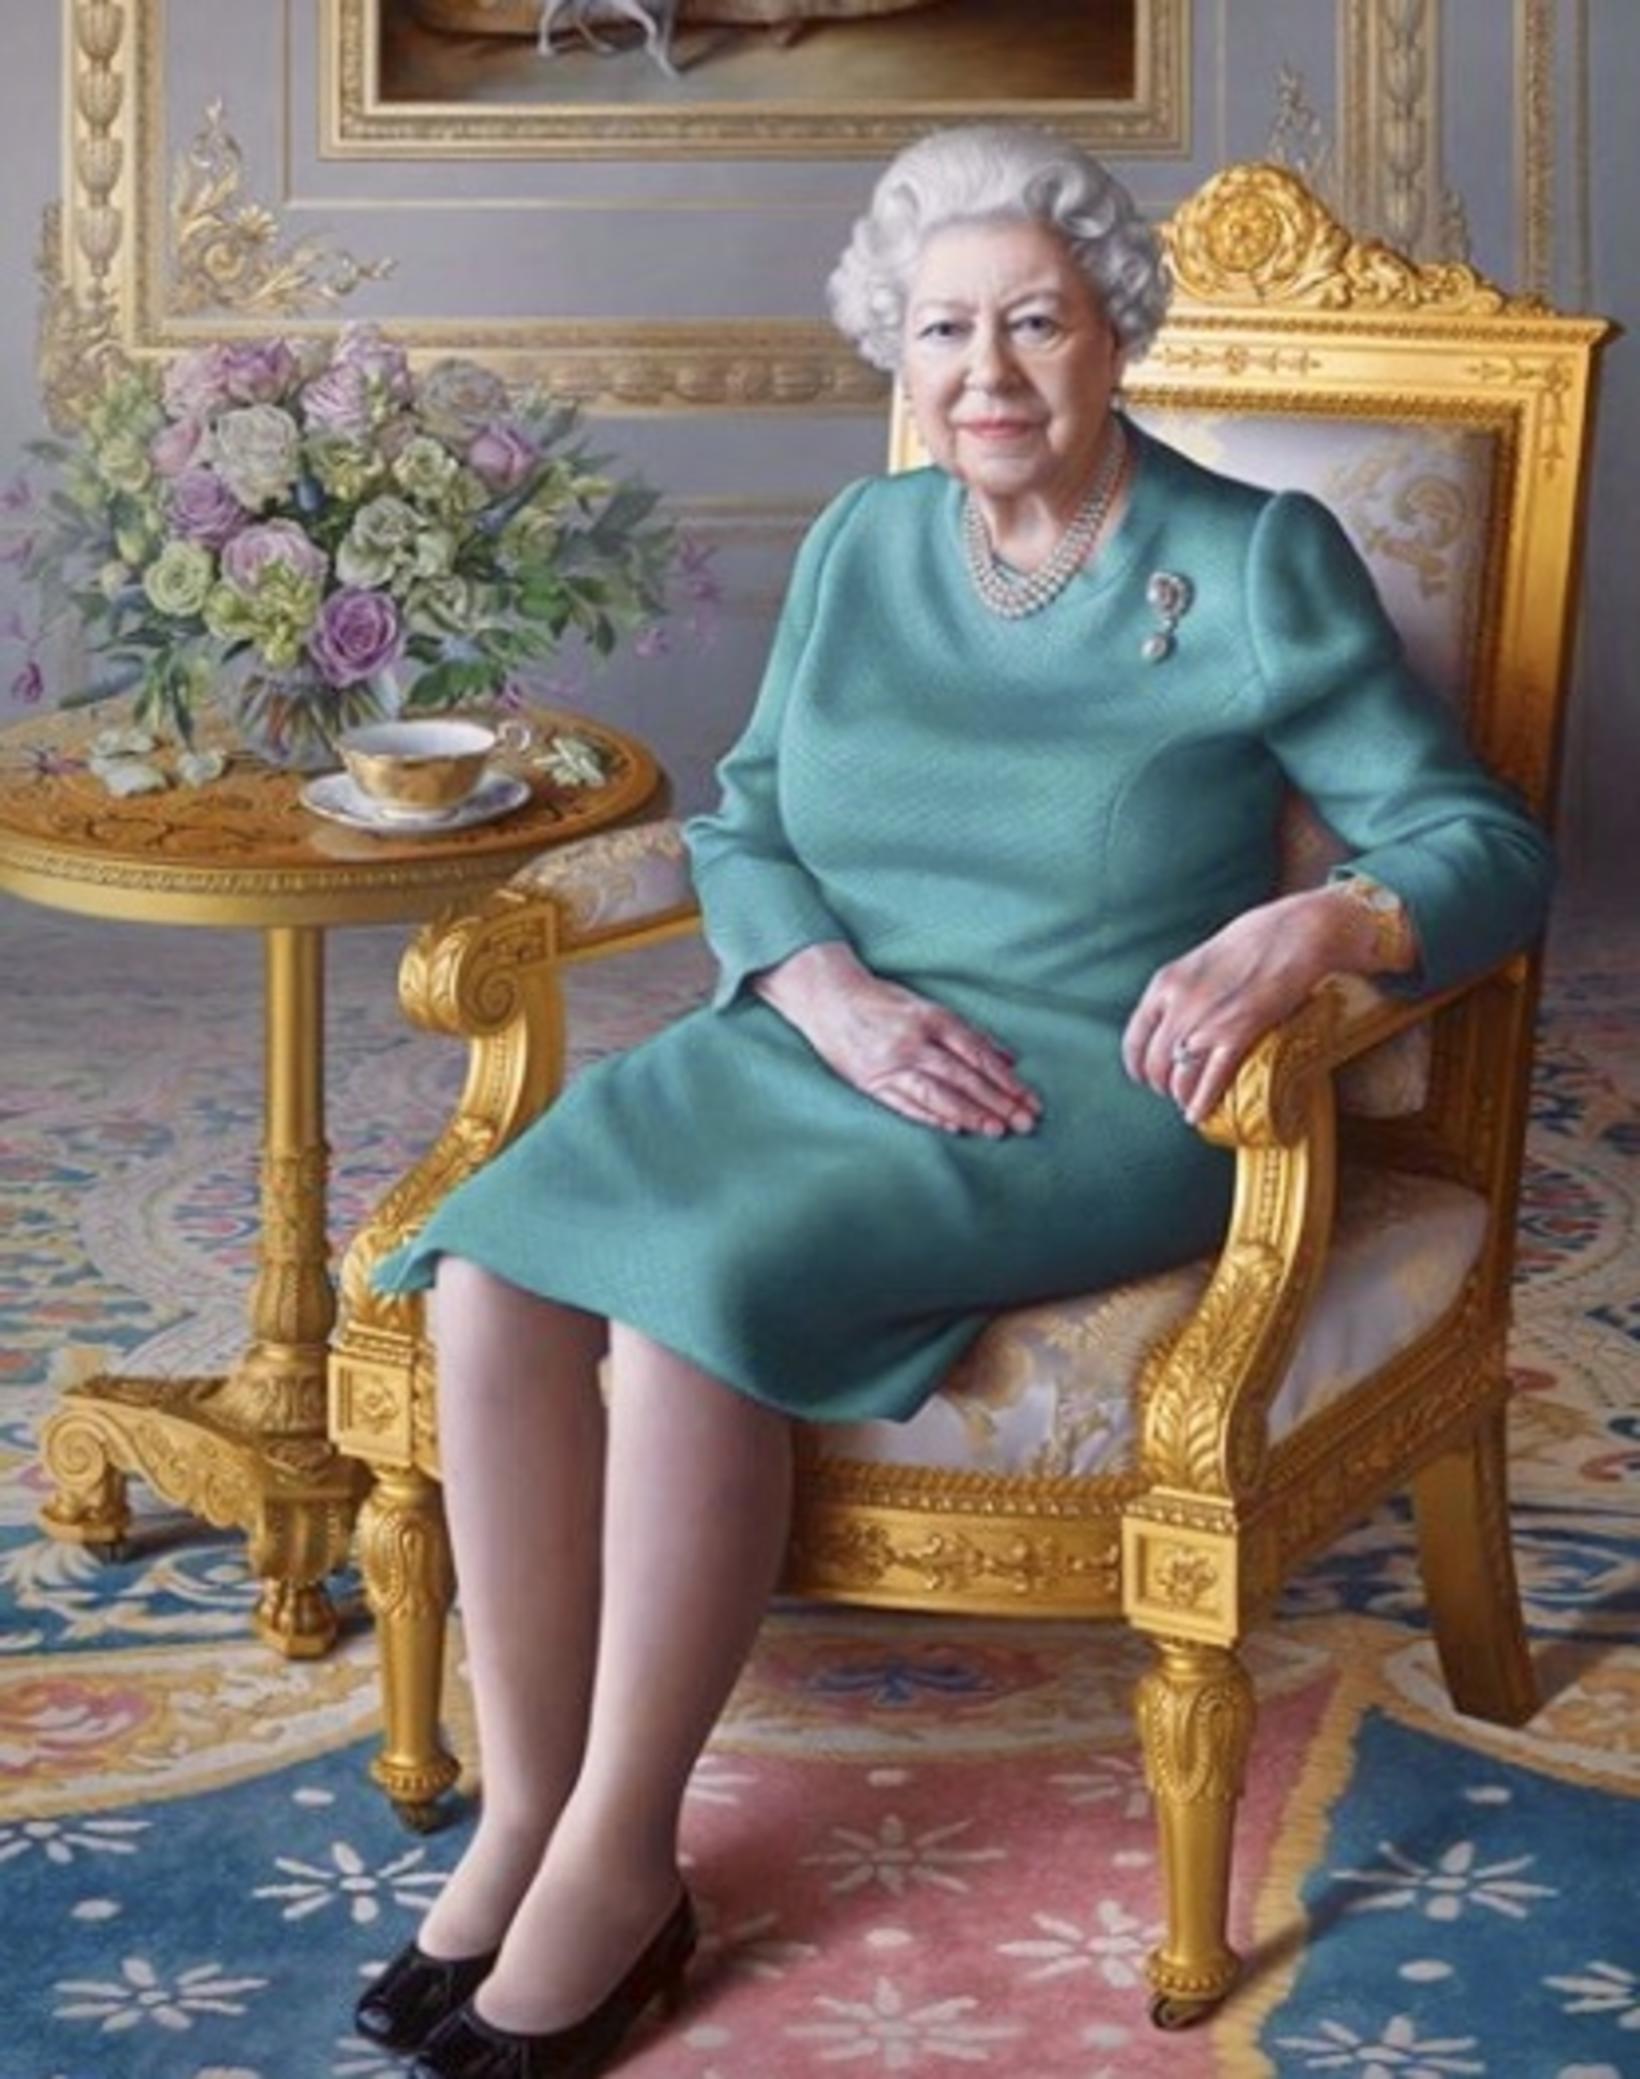 Drottningin með tebollann sinn í nýju portretti sem breska utanríkisþjónustan …